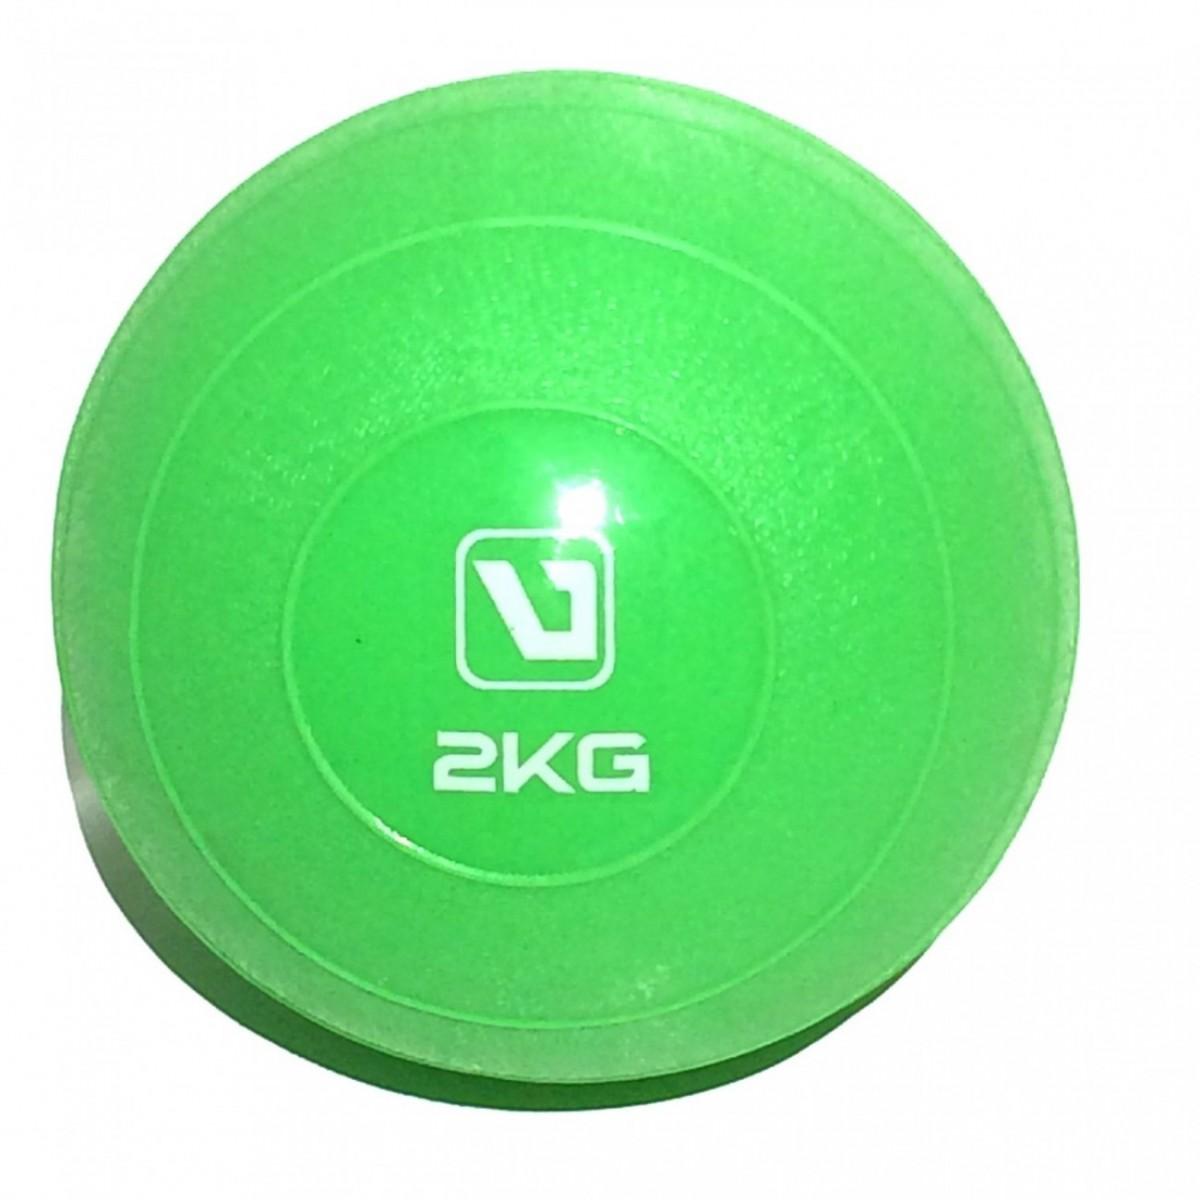 Soft Ball para Exercícios - 2 Kg - Loja Portal